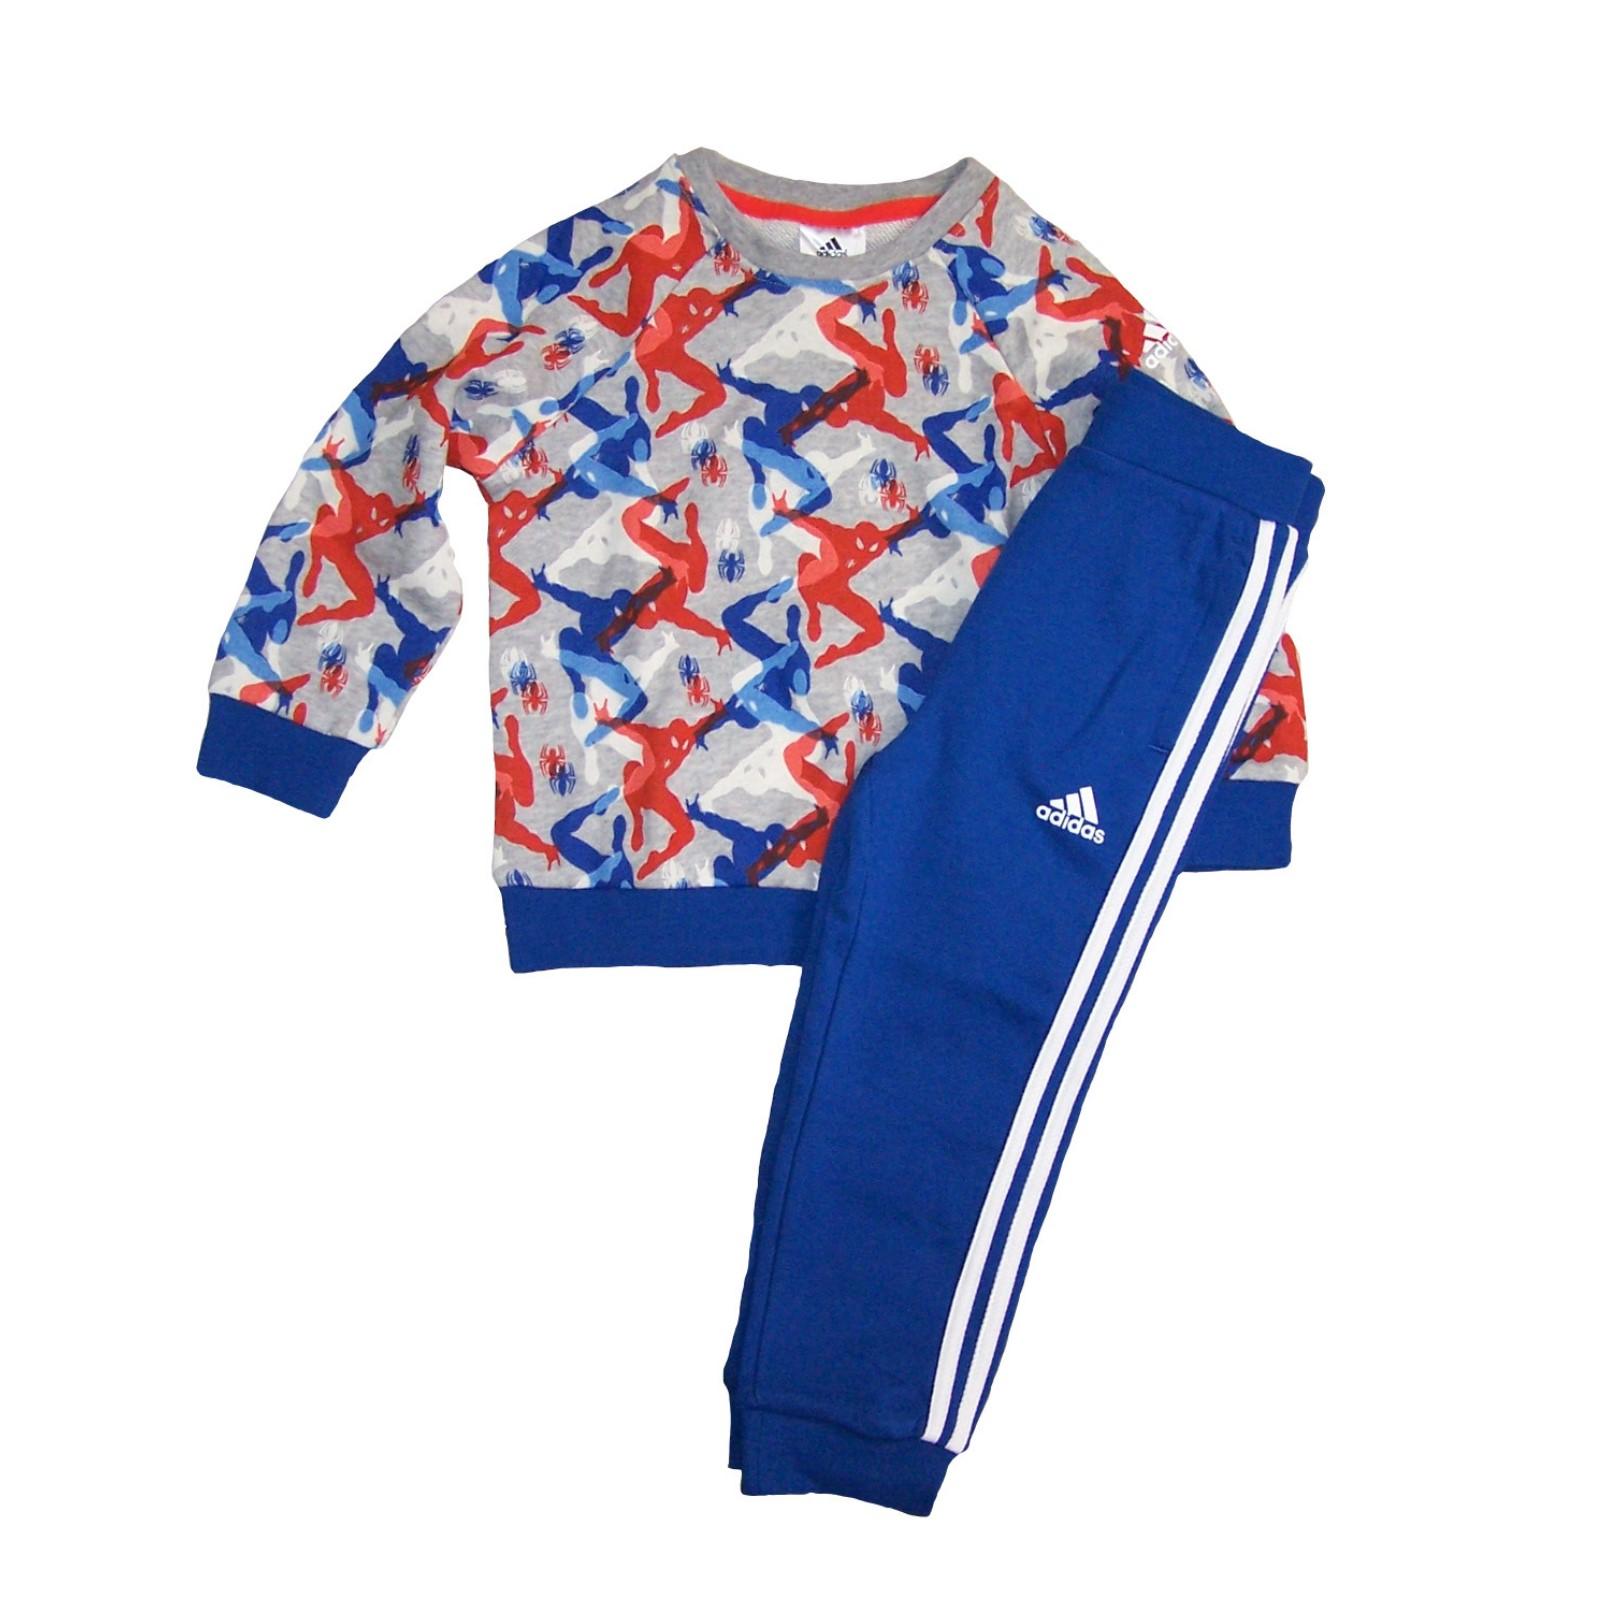 ADIDAS BABY I J 3S Jogger Sweater+Hose Trainingsanzug EUR